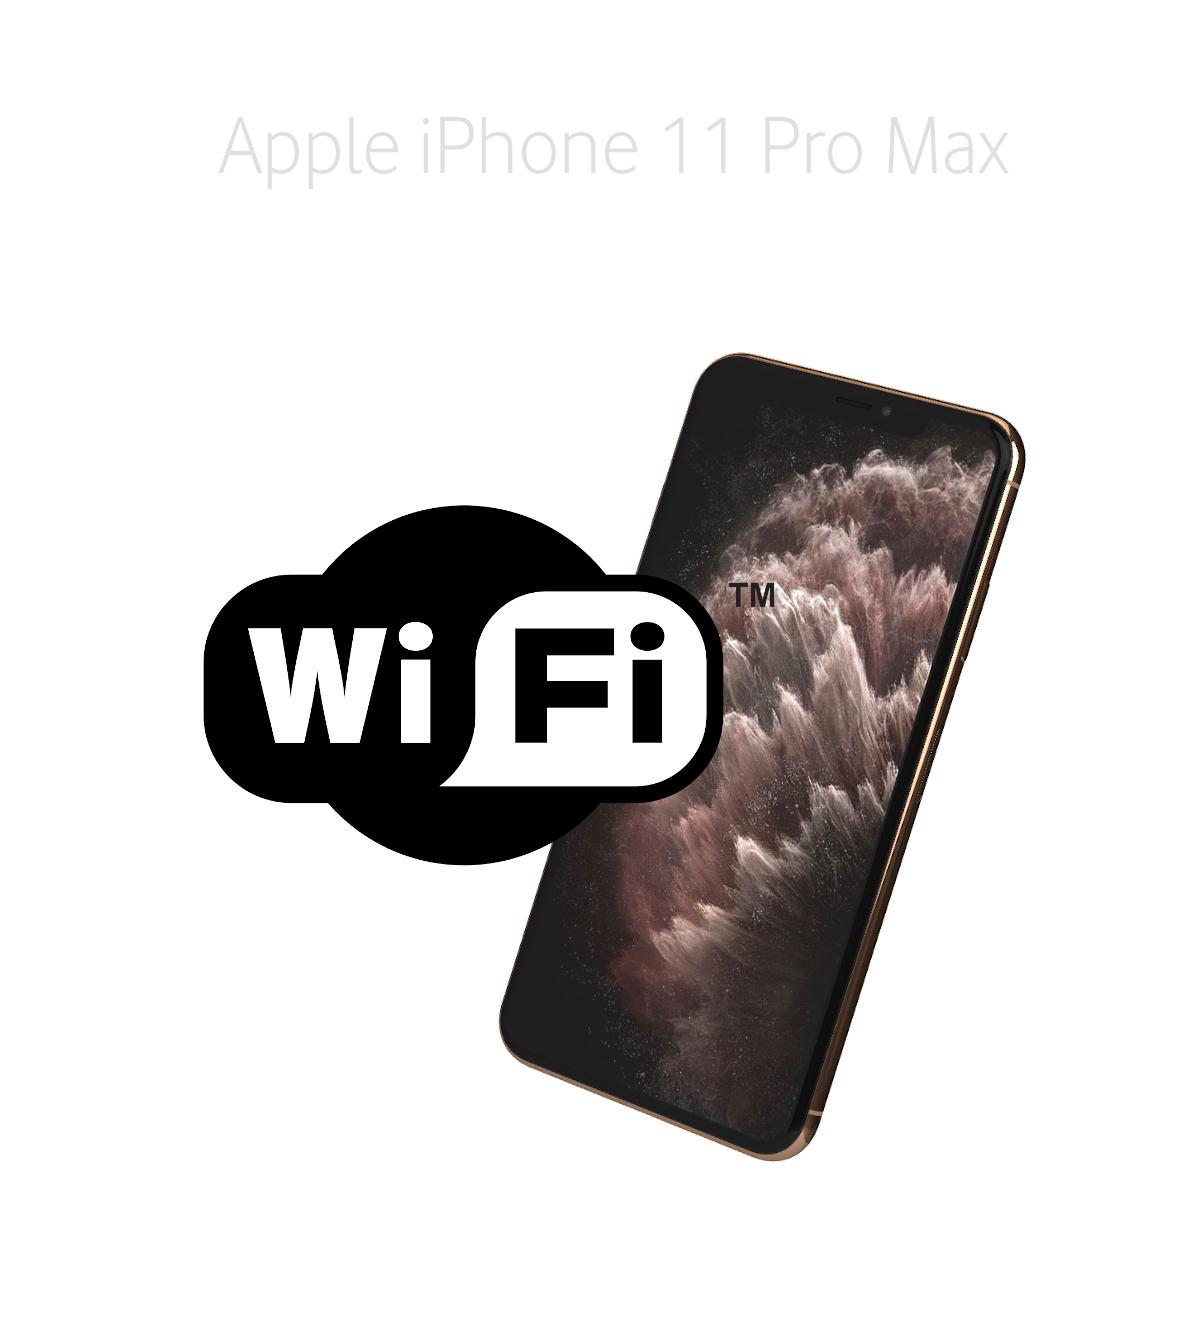 Laga wifi iPhone 11 Pro Max